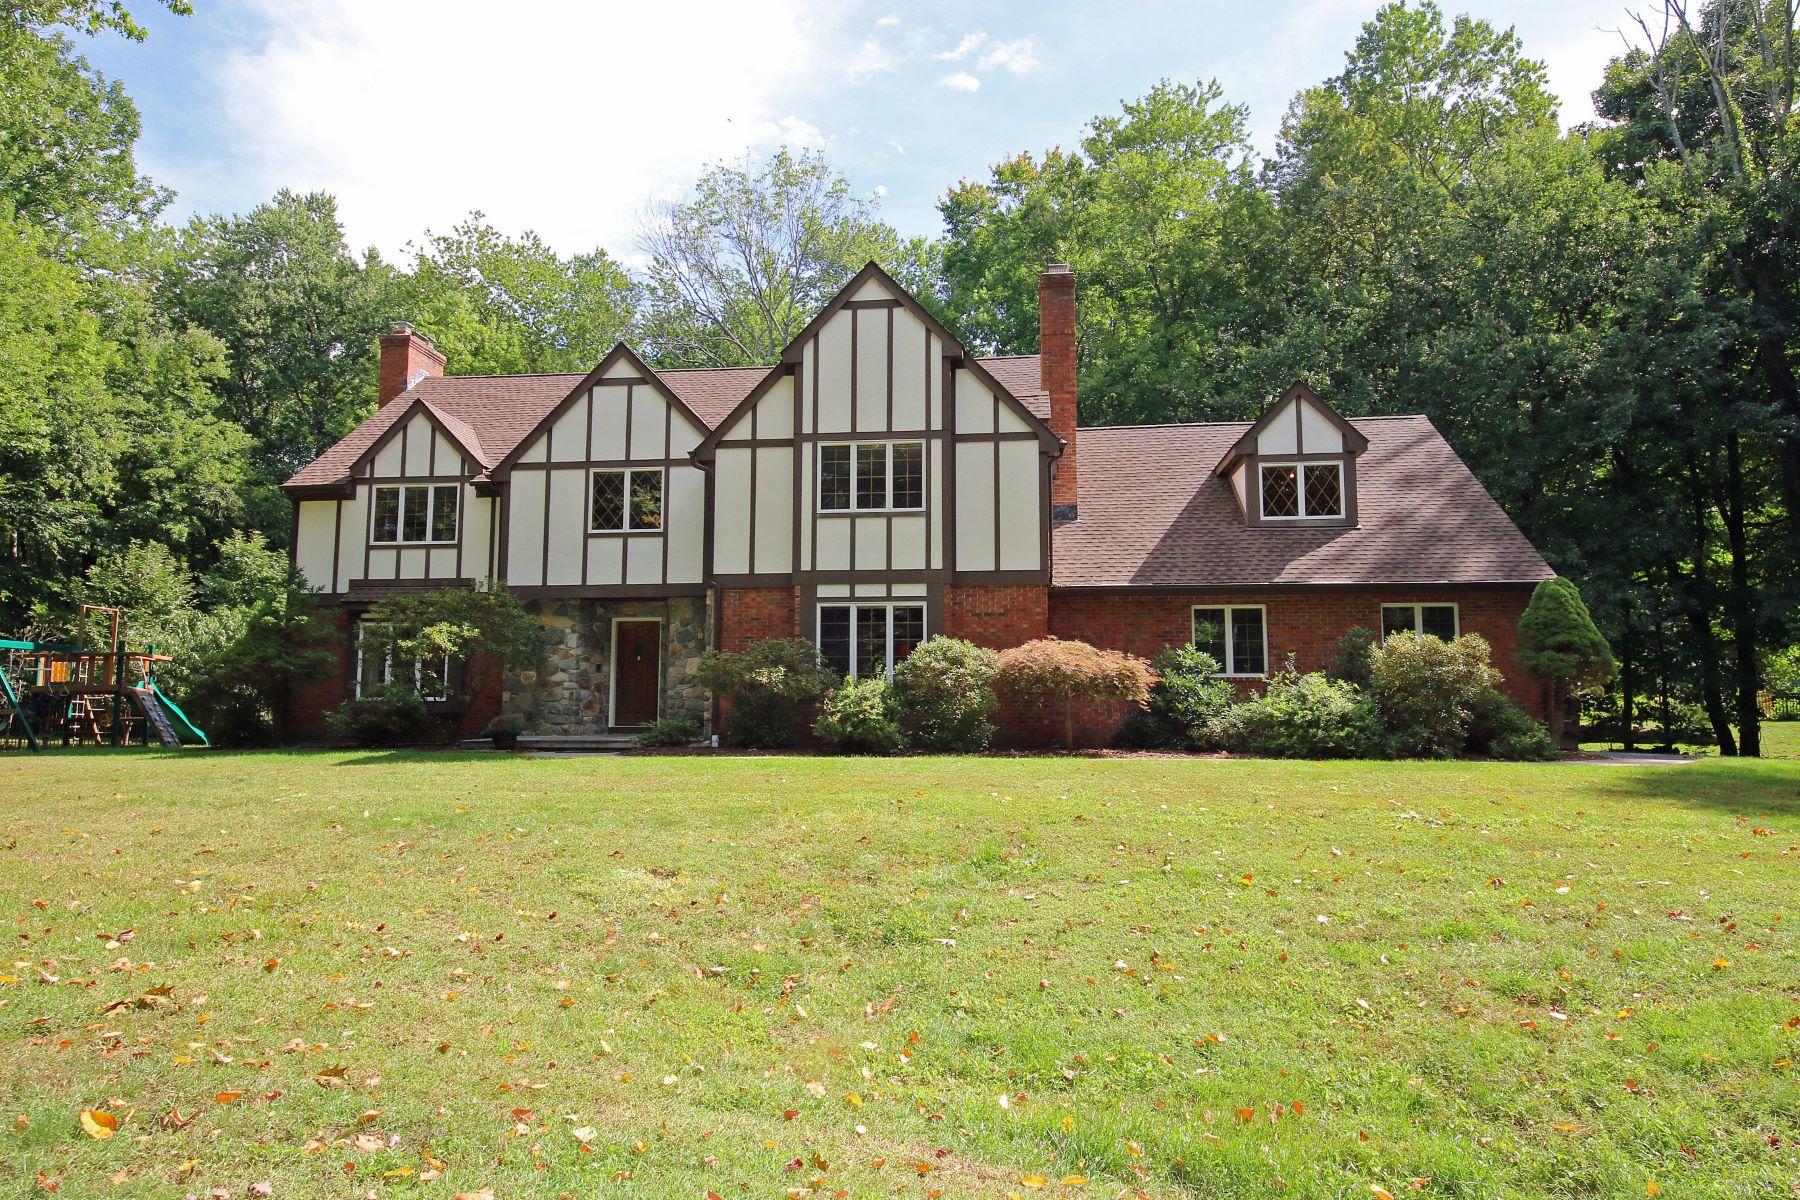 独户住宅 为 销售 在 Stately Brick Tudor Style Home 3 Manor Road 布鲁克菲尔德, 康涅狄格州 06804 美国